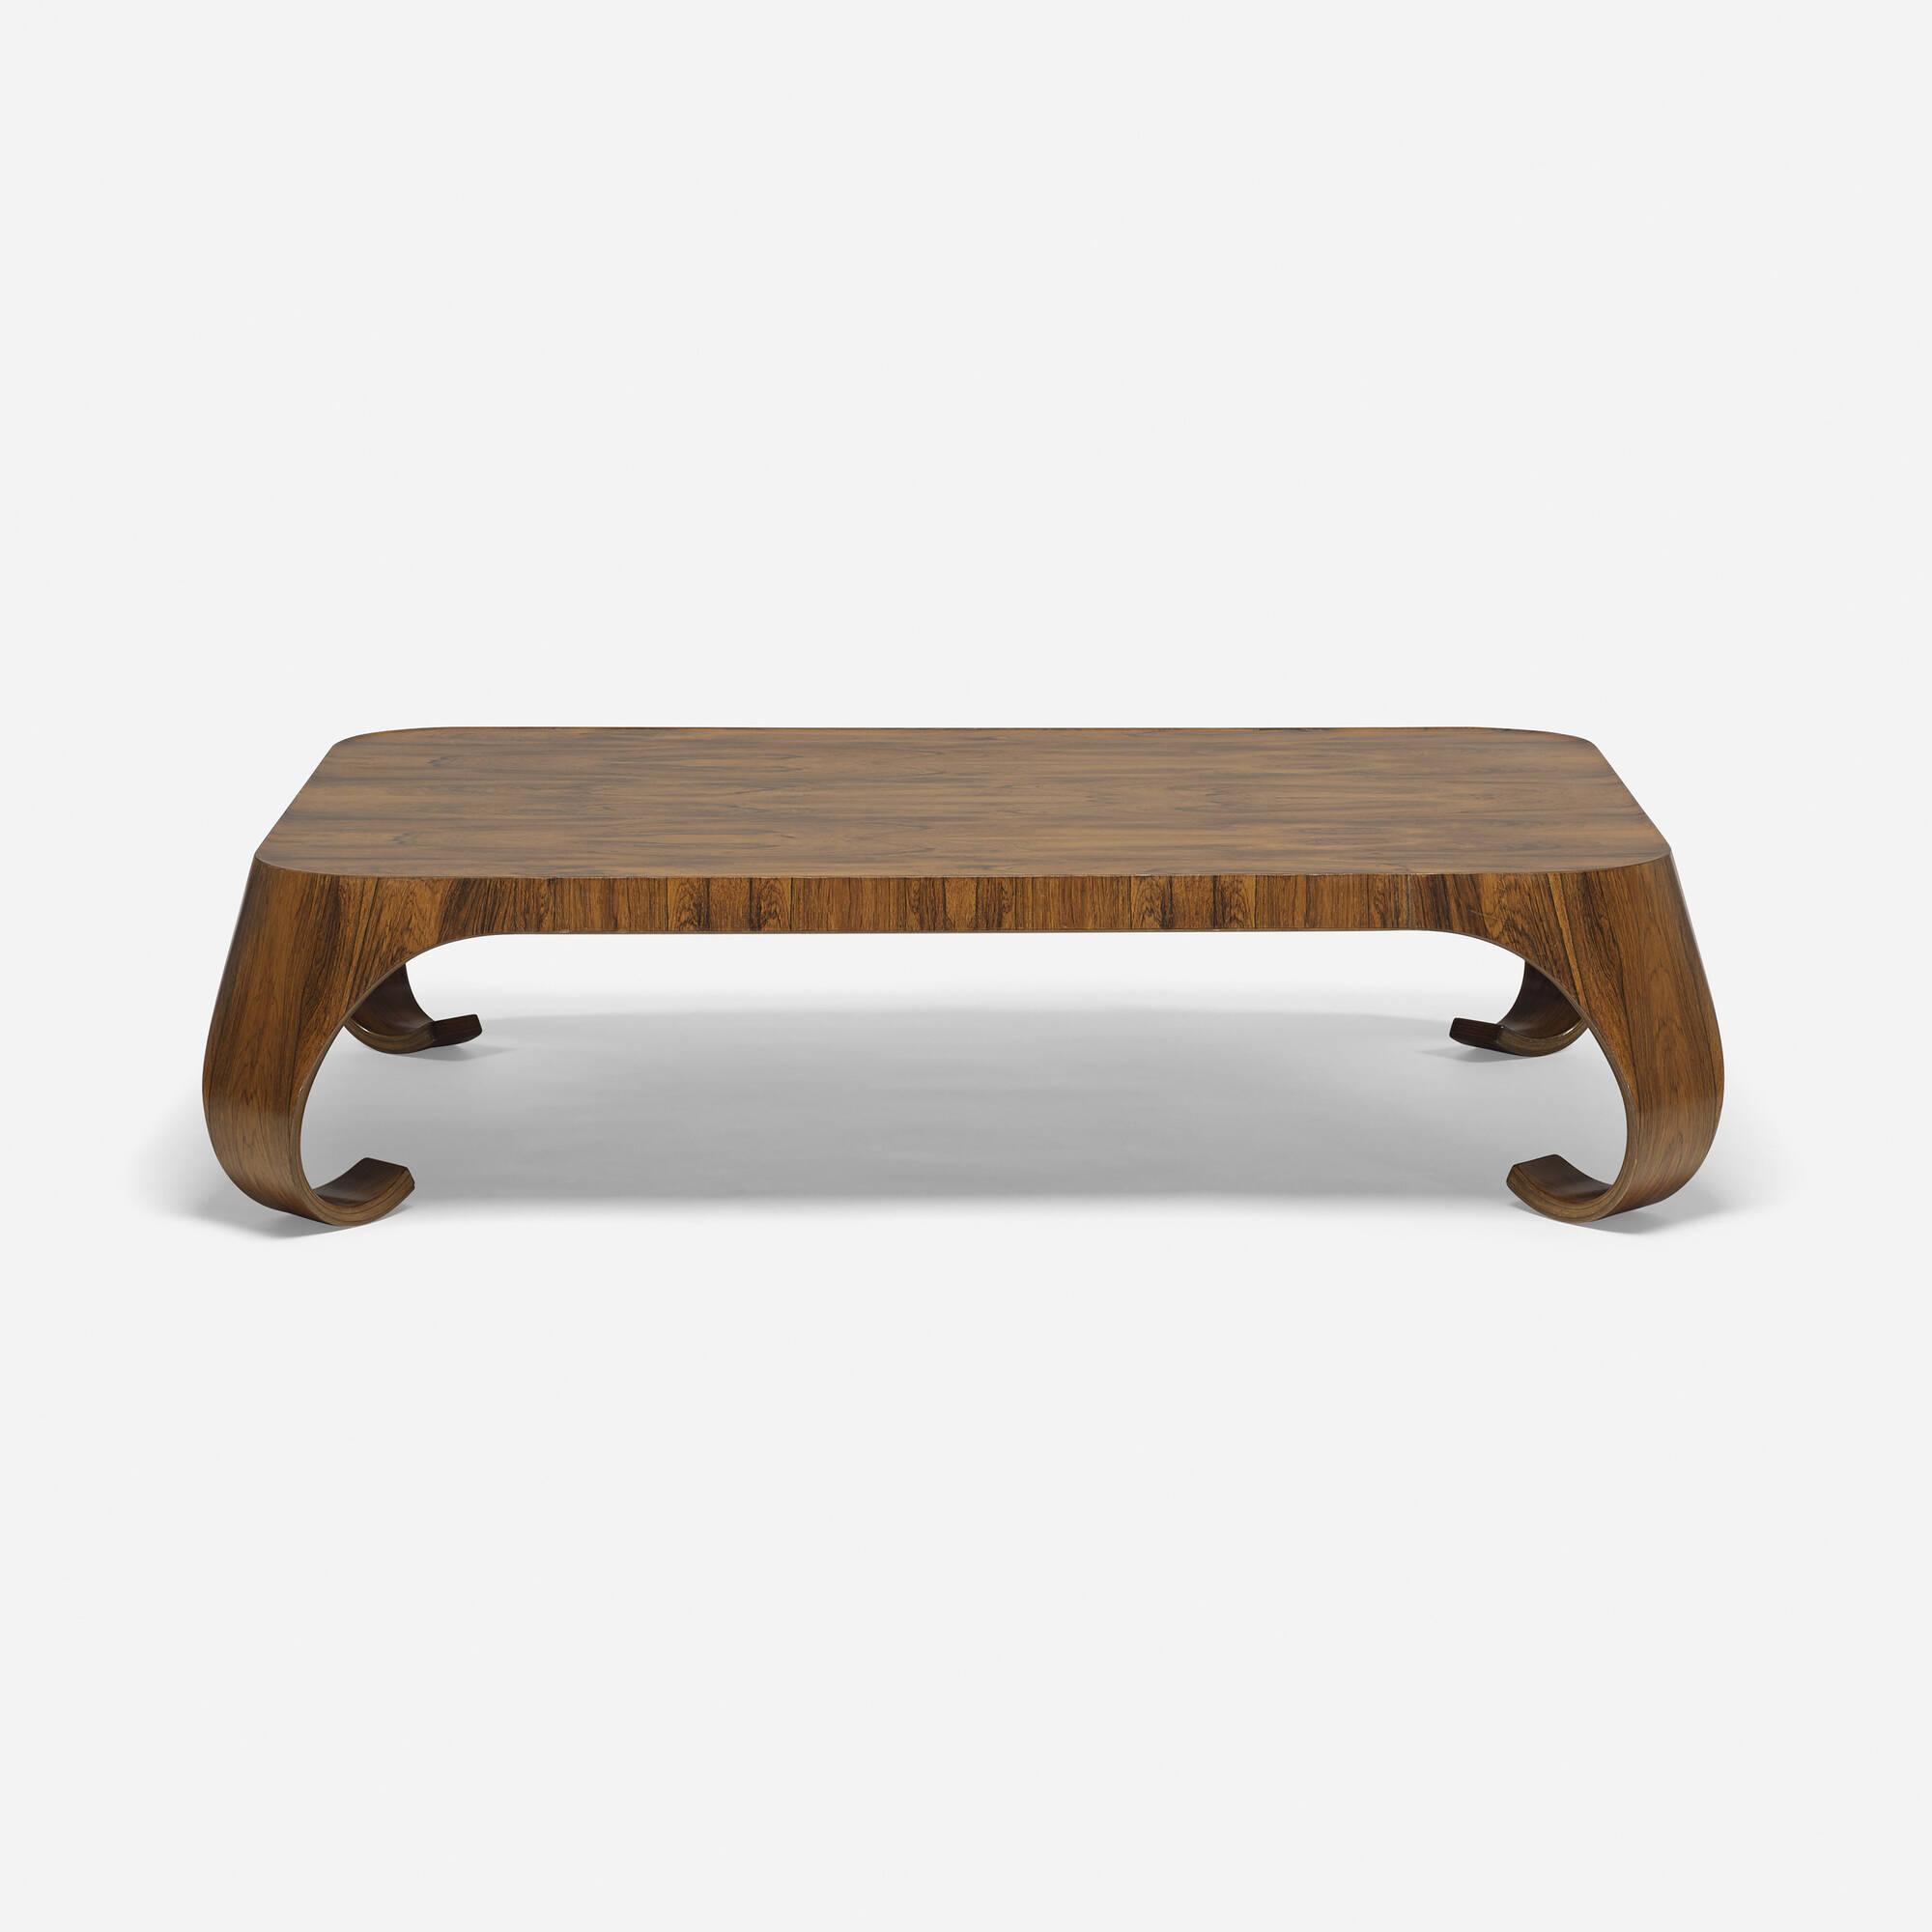 299 isamu kenmochi coffee table design 26 march 2015 299 isamu kenmochi coffee table 2 of 4 geotapseo Choice Image